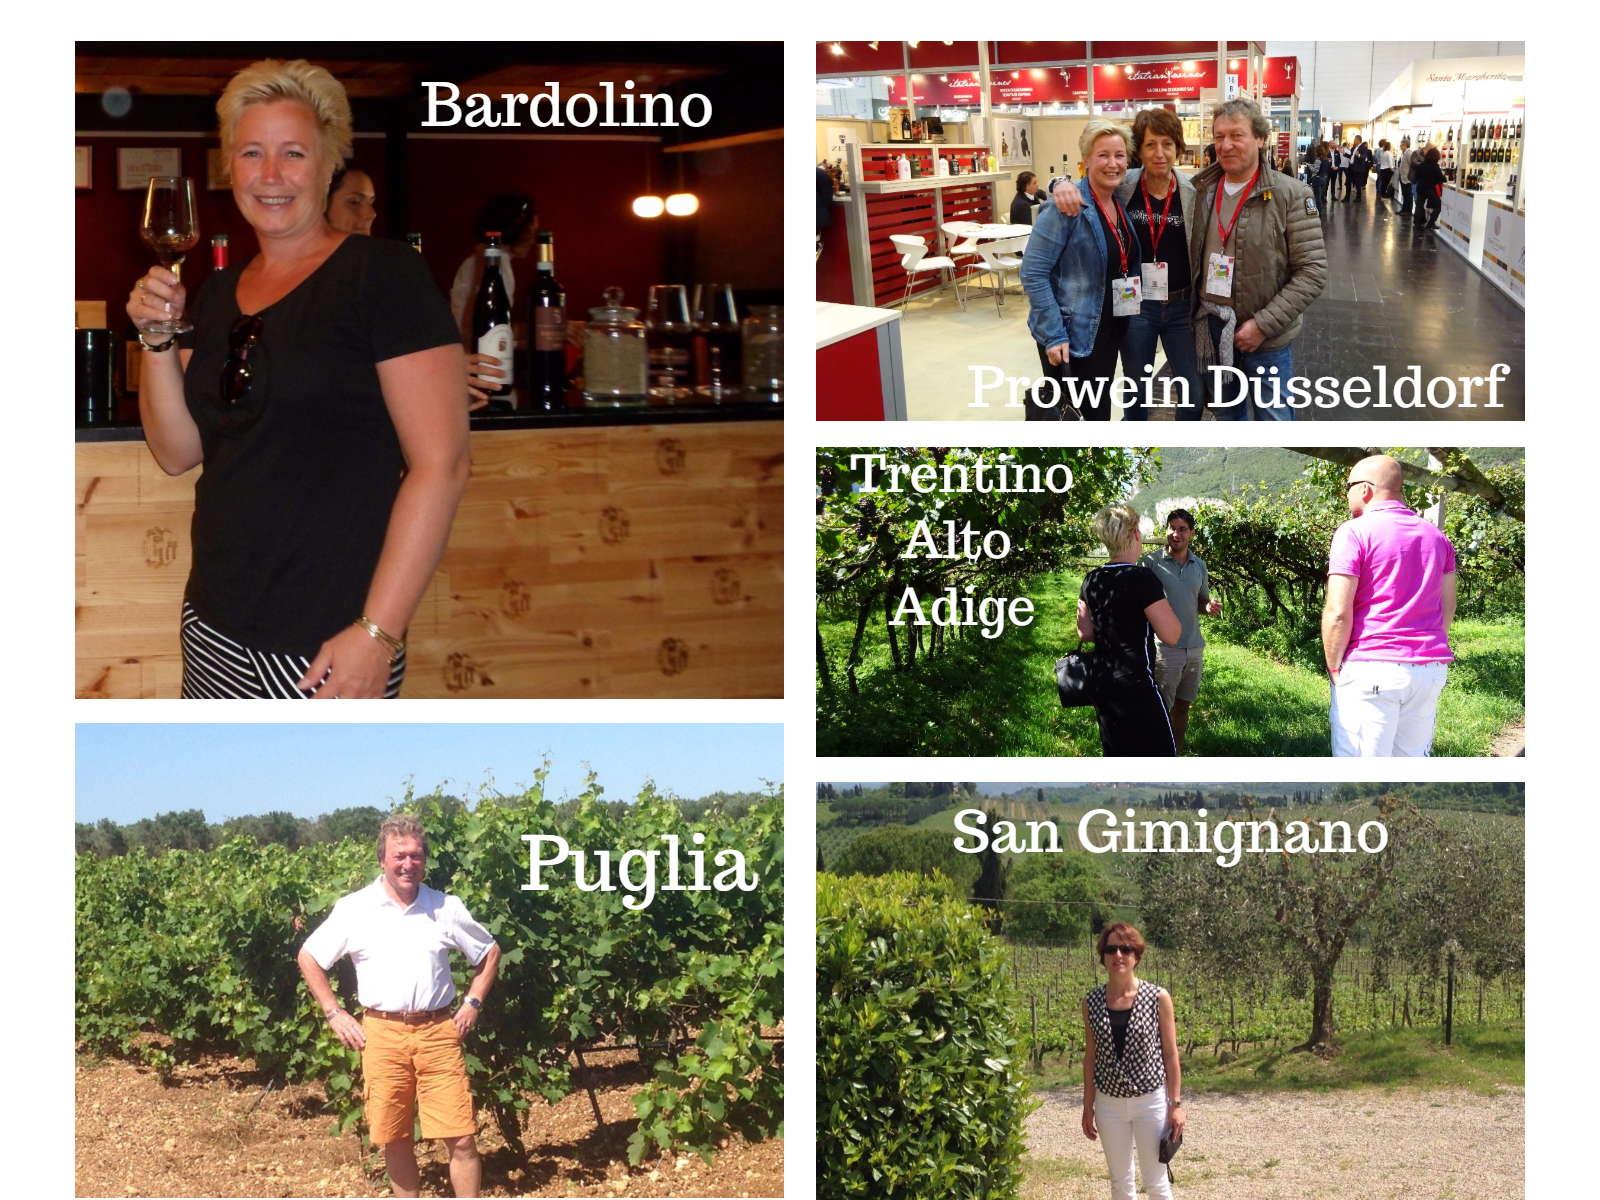 Gustoditalia_in_Italië.jpg